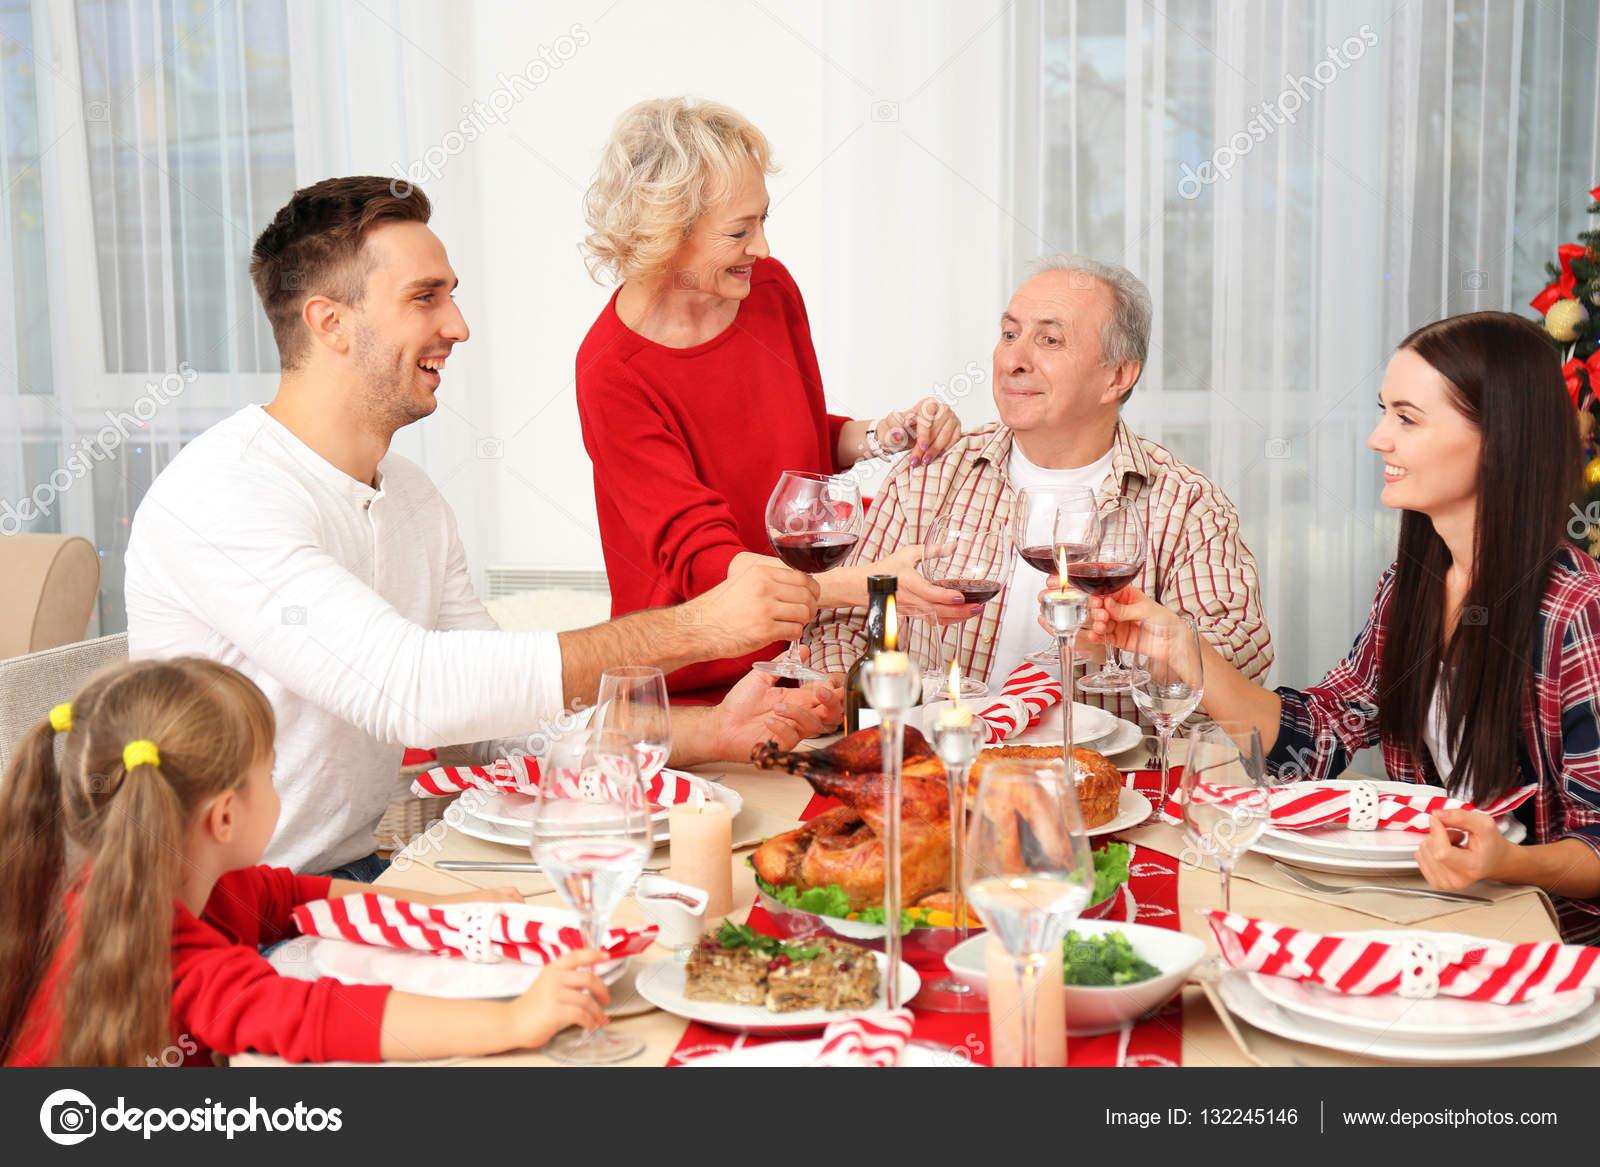 Happy Family Having Christmas Dinner In Living Room Stock Photo 132245146